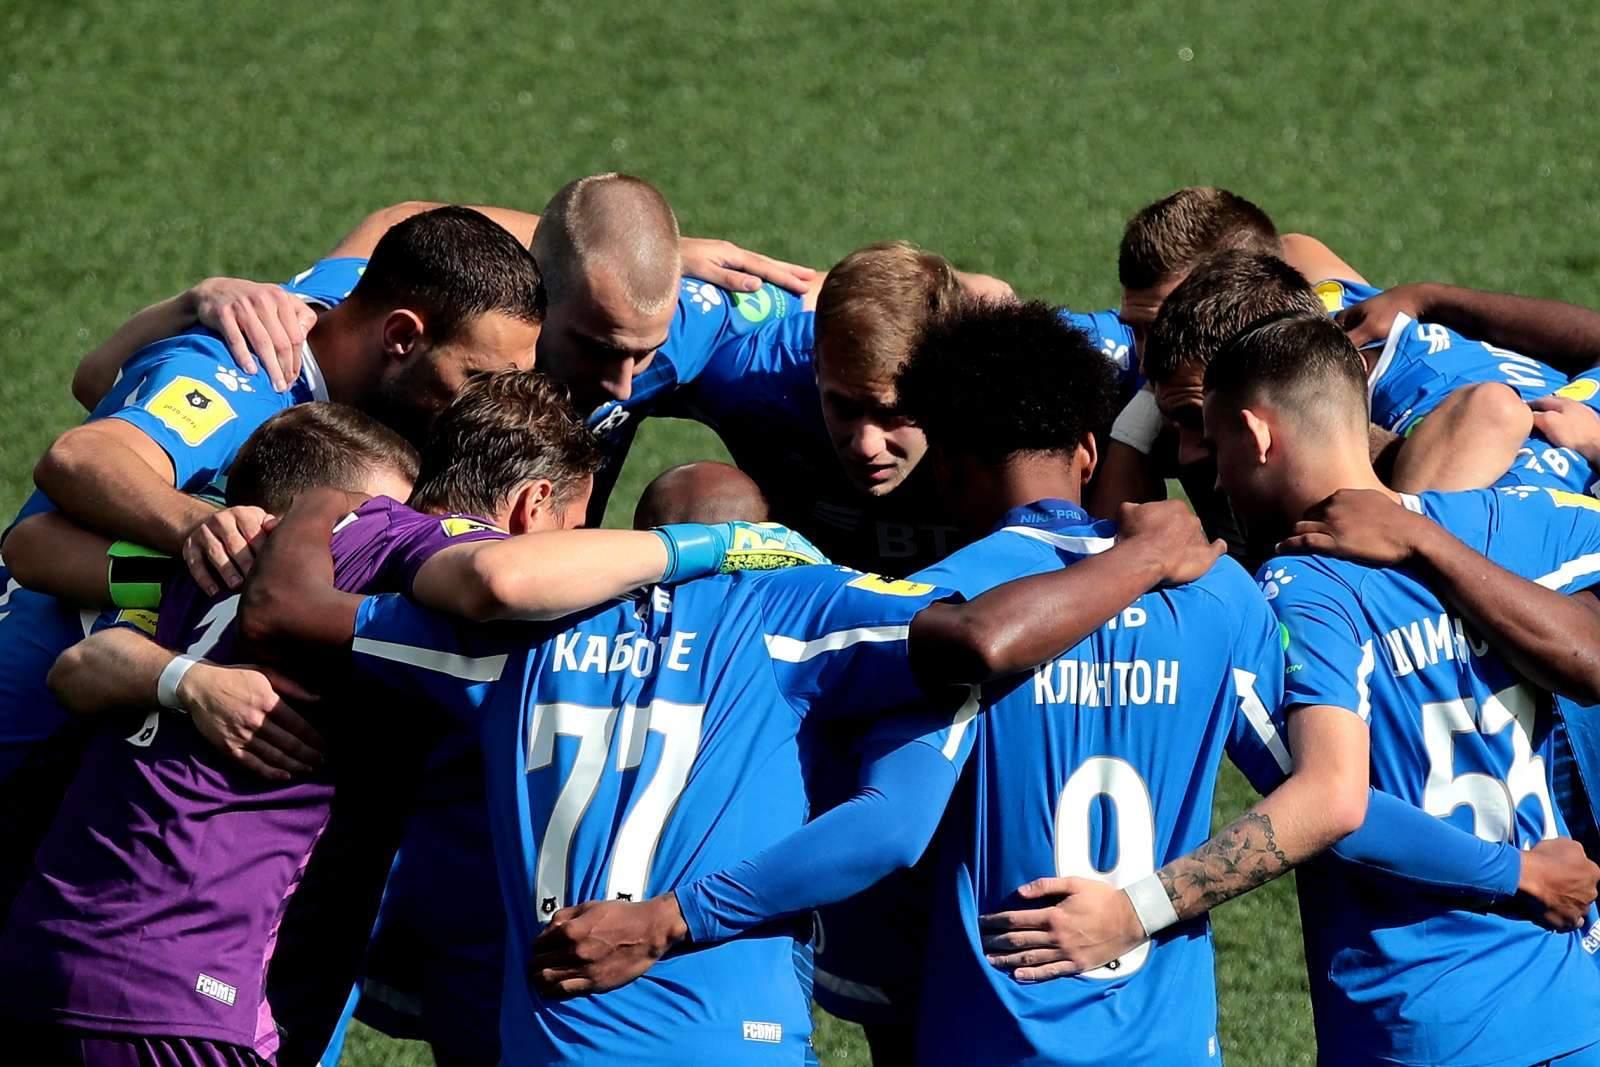 Скопинцев: «В ближайшее время «Динамо» станет претендентом на что-то значимое»